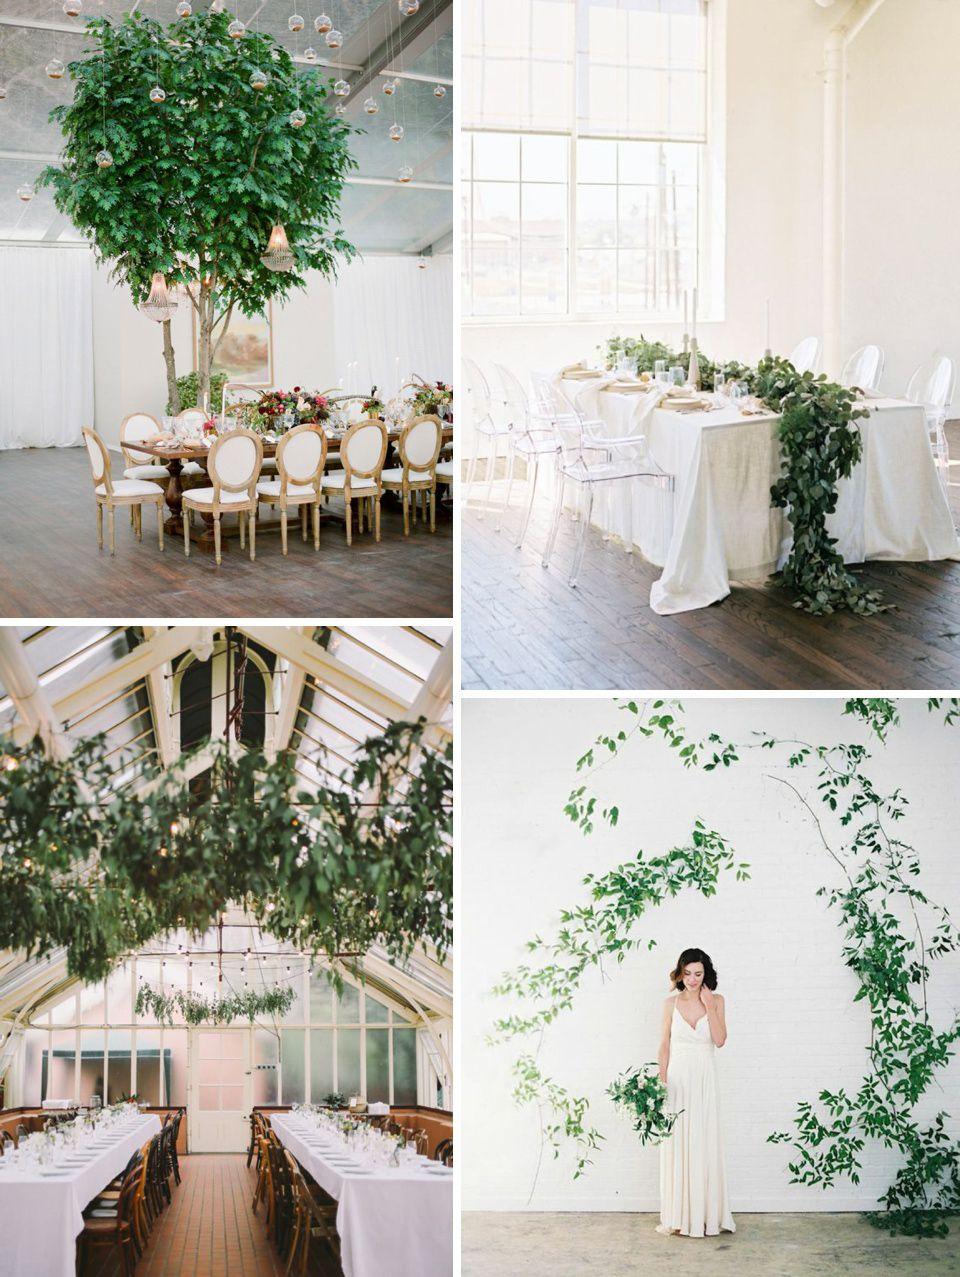 2016 Wedding Trends | 2016 wedding trends, Wedding trends and Weddings